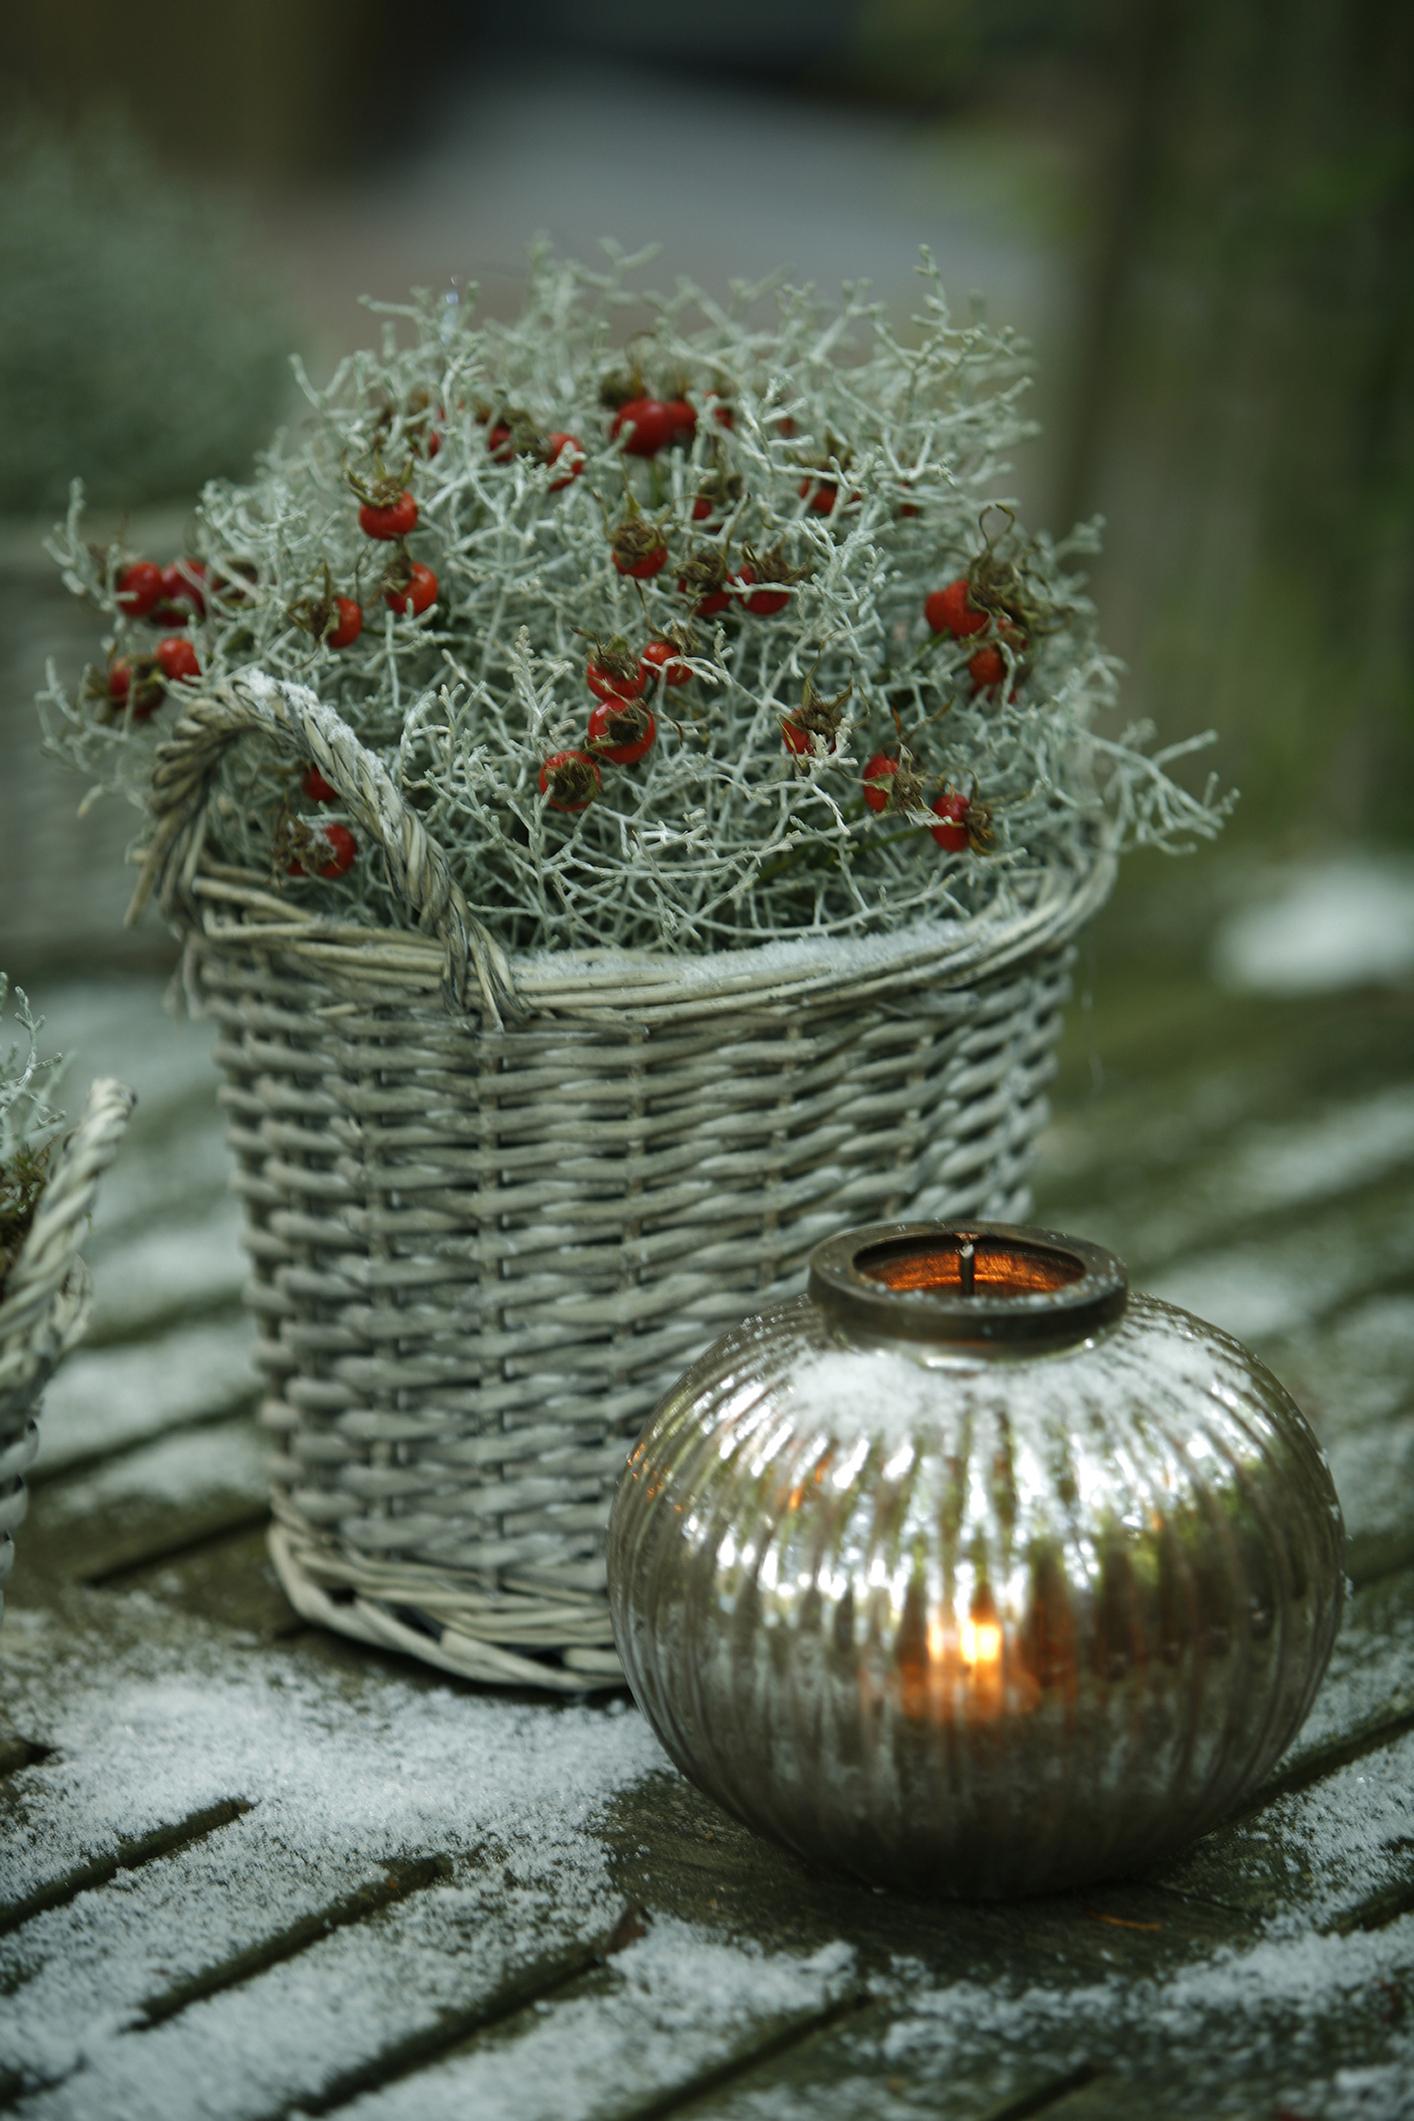 Mivel a karácsony fő színei a piros és az arany, hajlamosak vagyunk túlzásokba esni, már giccsesen díszíteni. De itt egy remek példa arra, hogy egyszerű, visszafogott dekorációval is